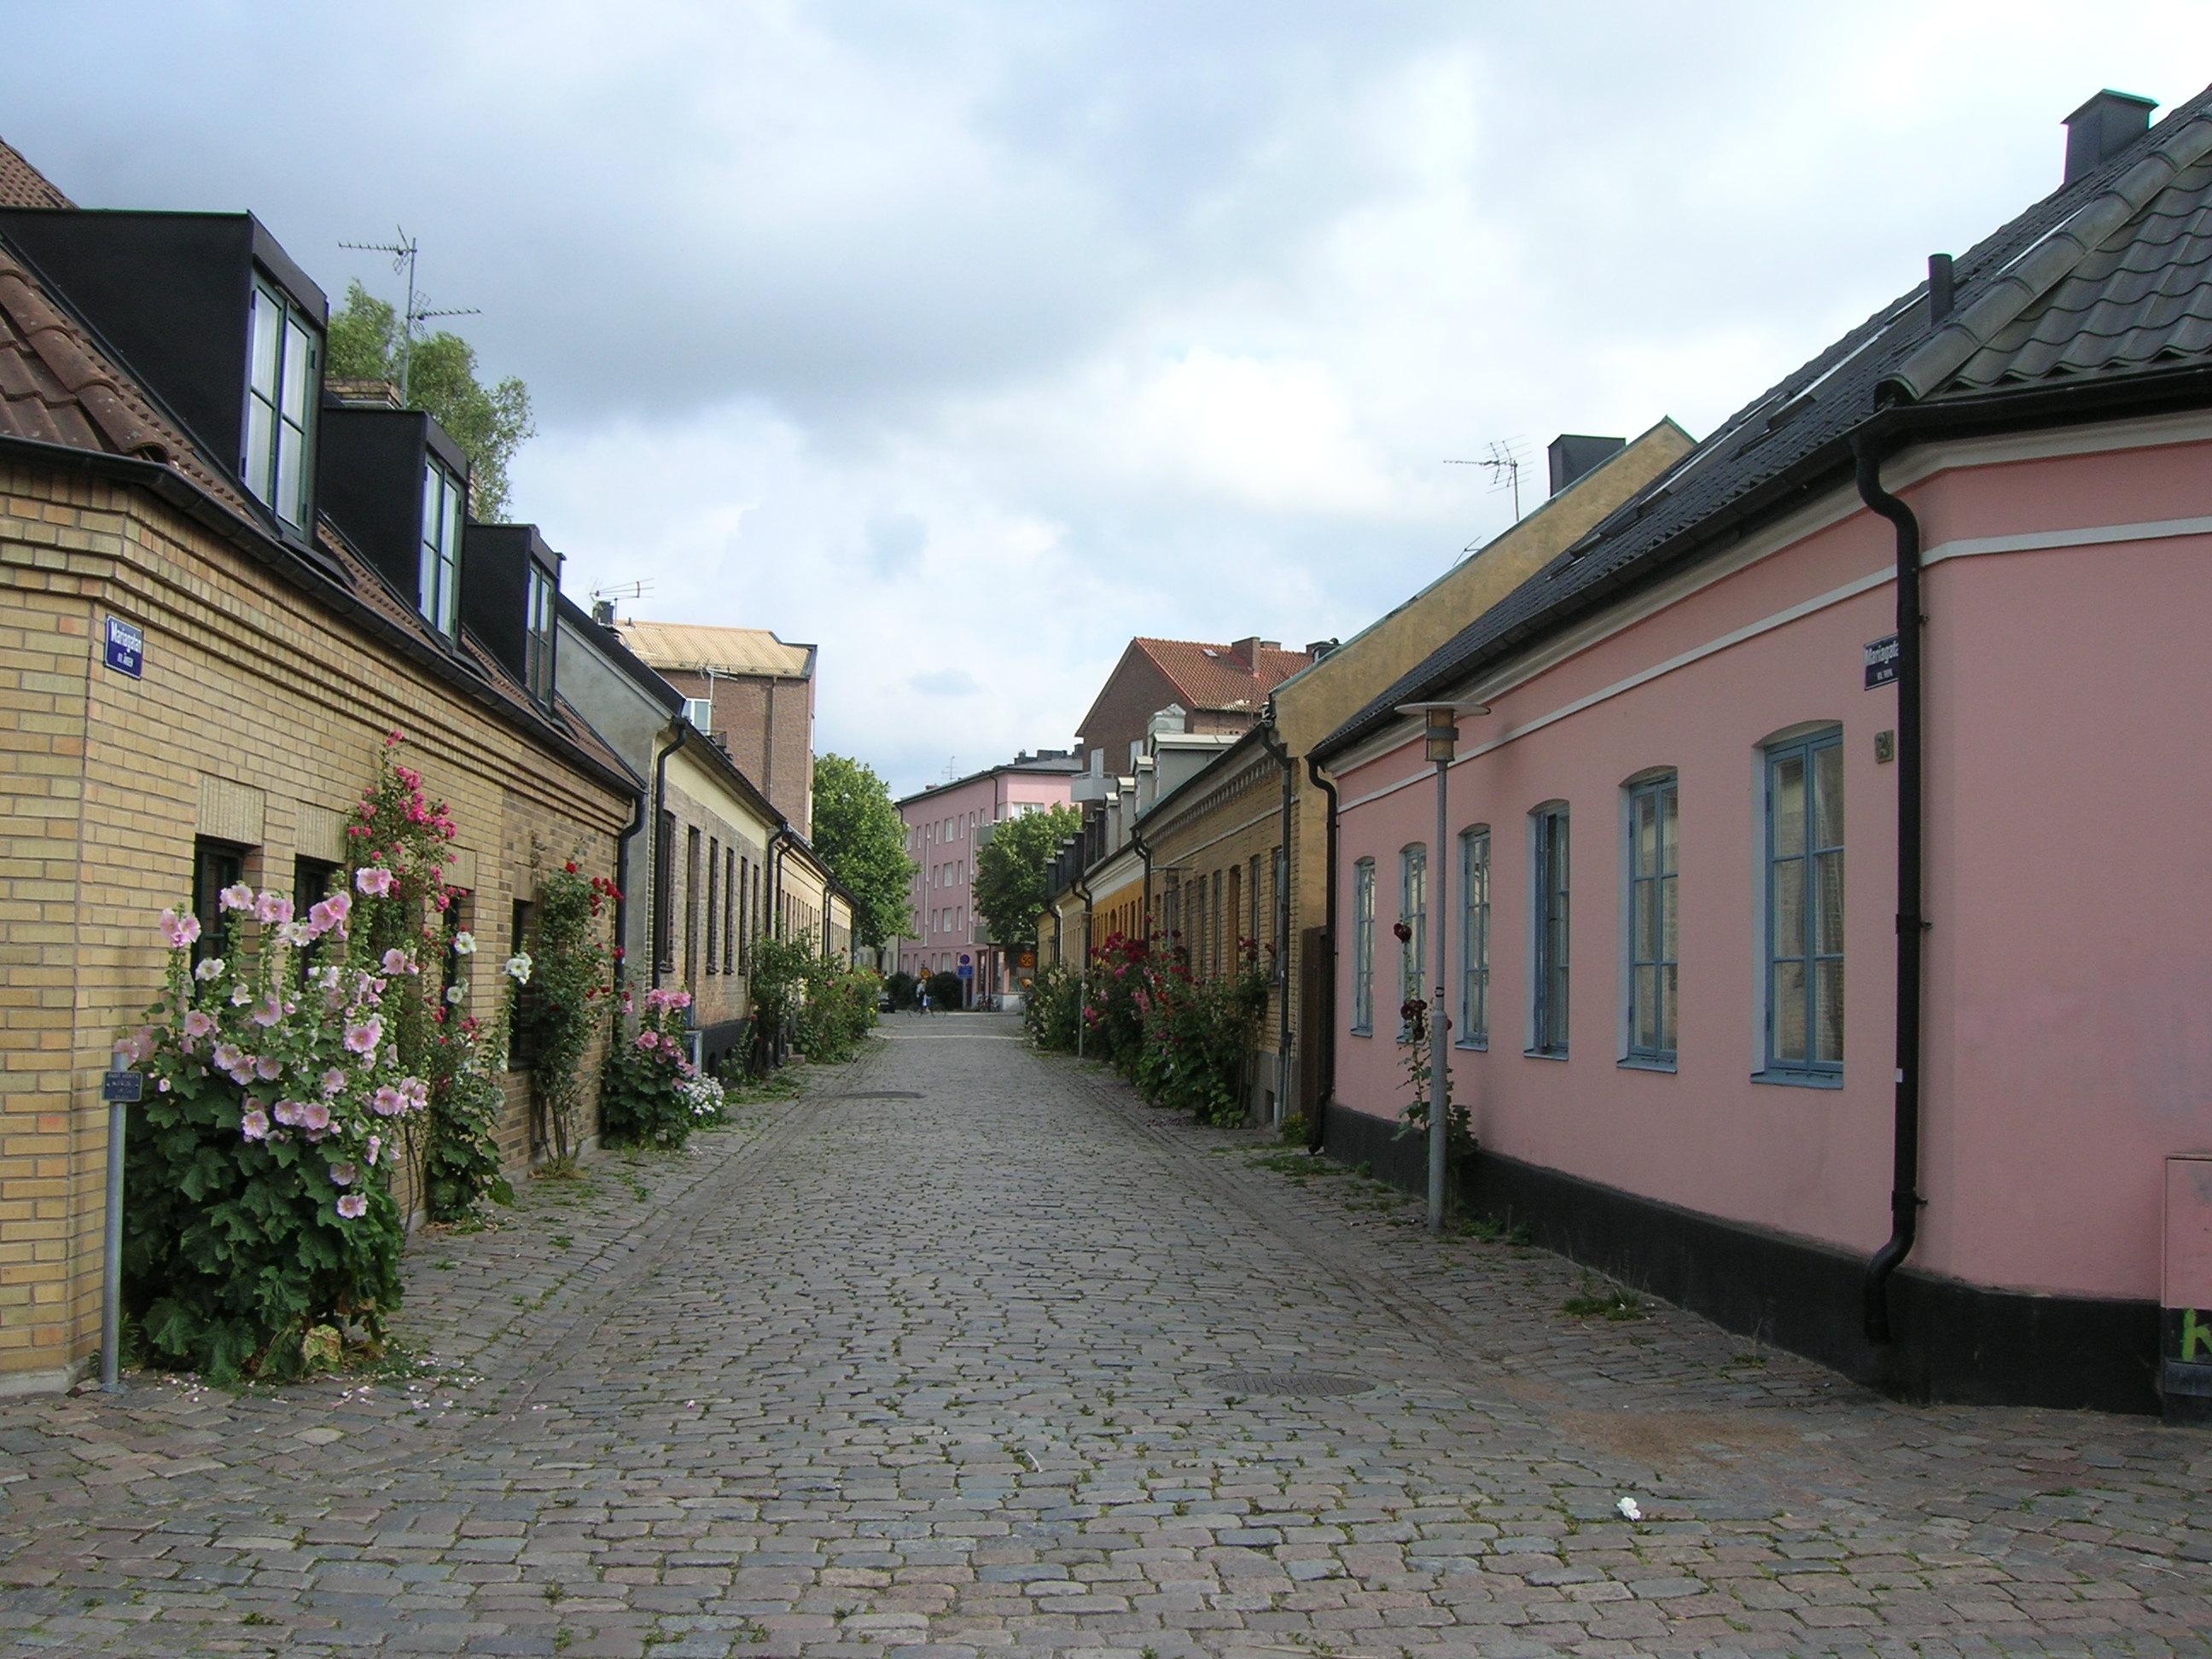 Lamba Lund Lund - wikipedia, the free